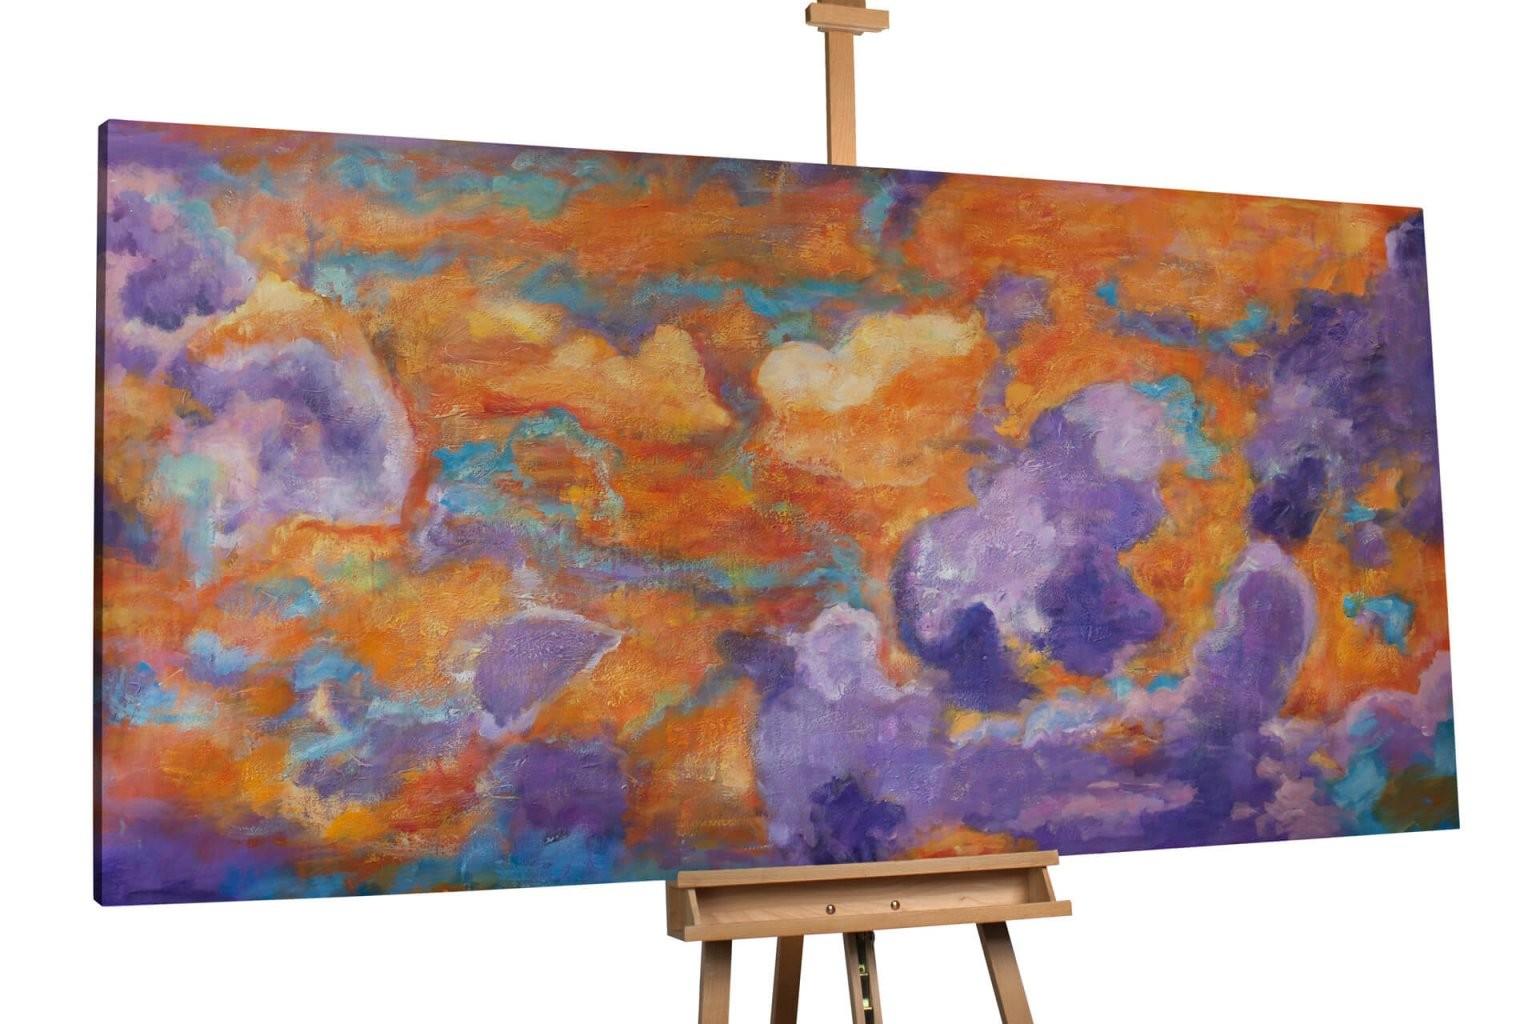 Malerei Gemälde Auf Keilrahmen Bild Abstrakt Leinwand Struktur von Bilder Leinwand Abstrakt Keilrahmen Photo